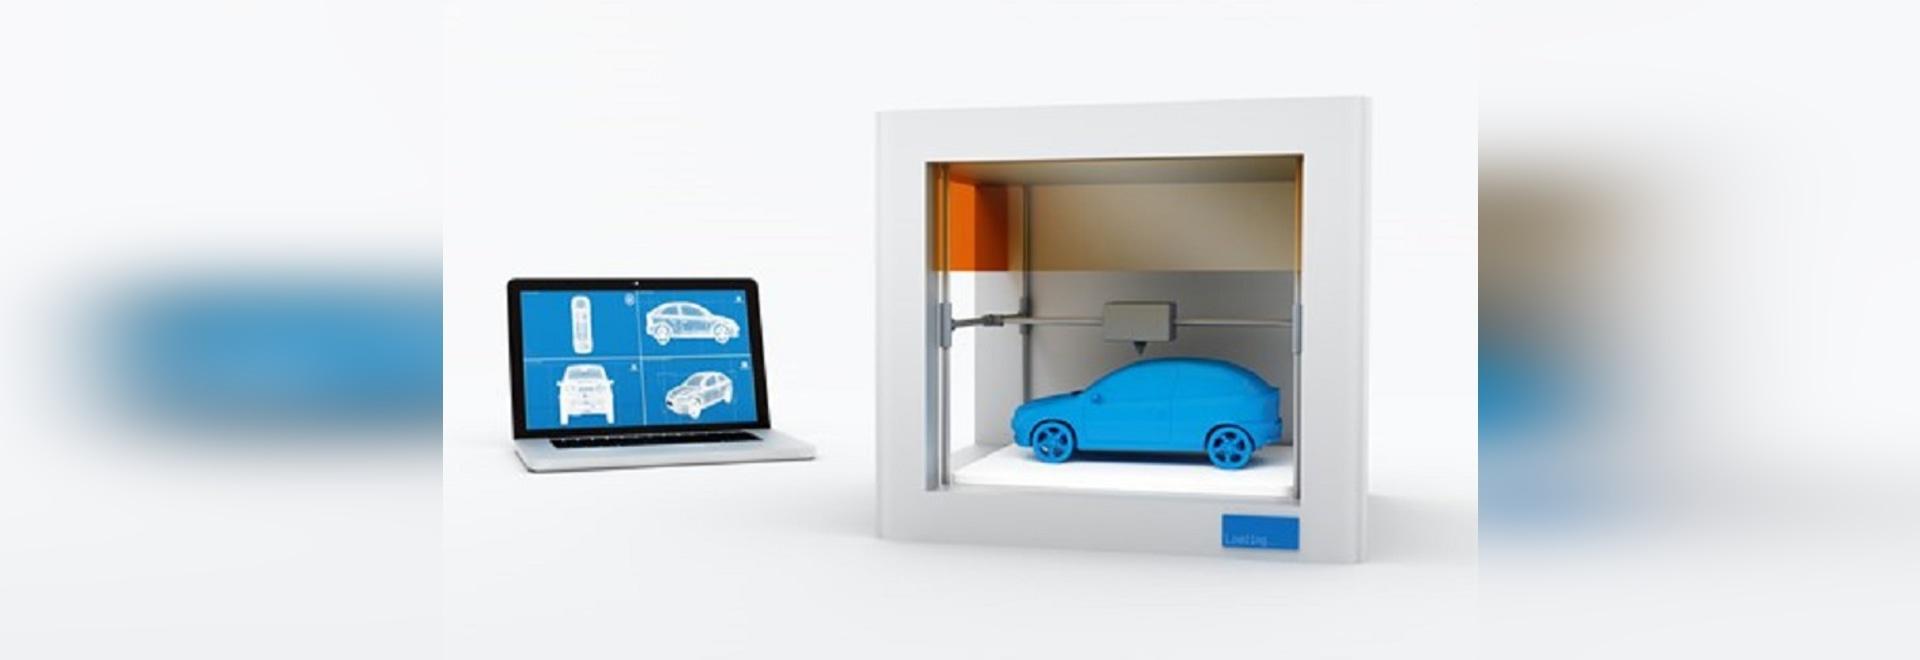 Metrologie für additives Drucken Technik/3D